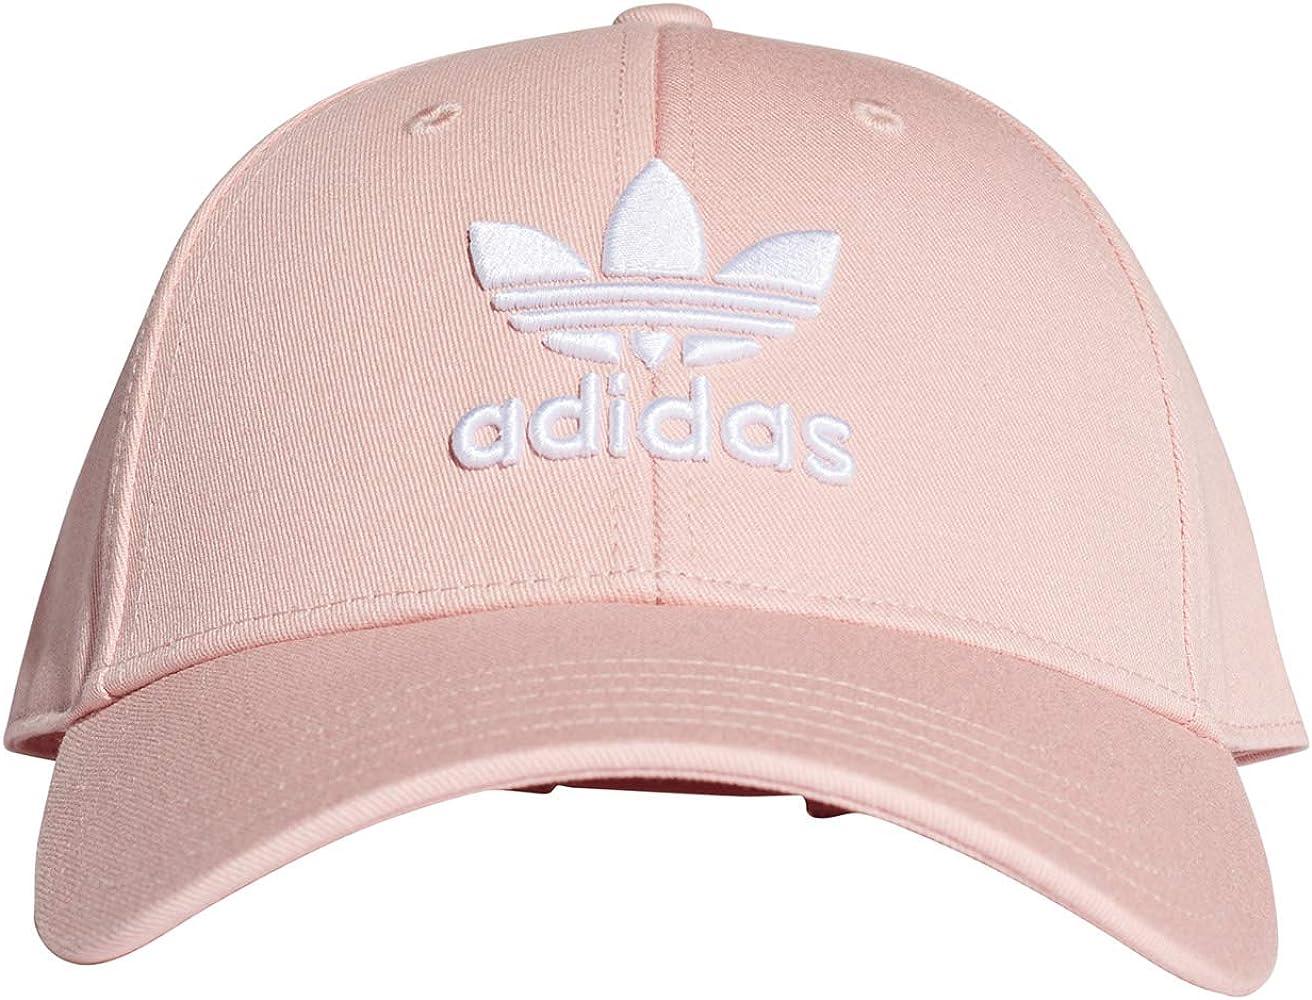 Gorras adidas mujer rosa | Gorras para hombre y mujer